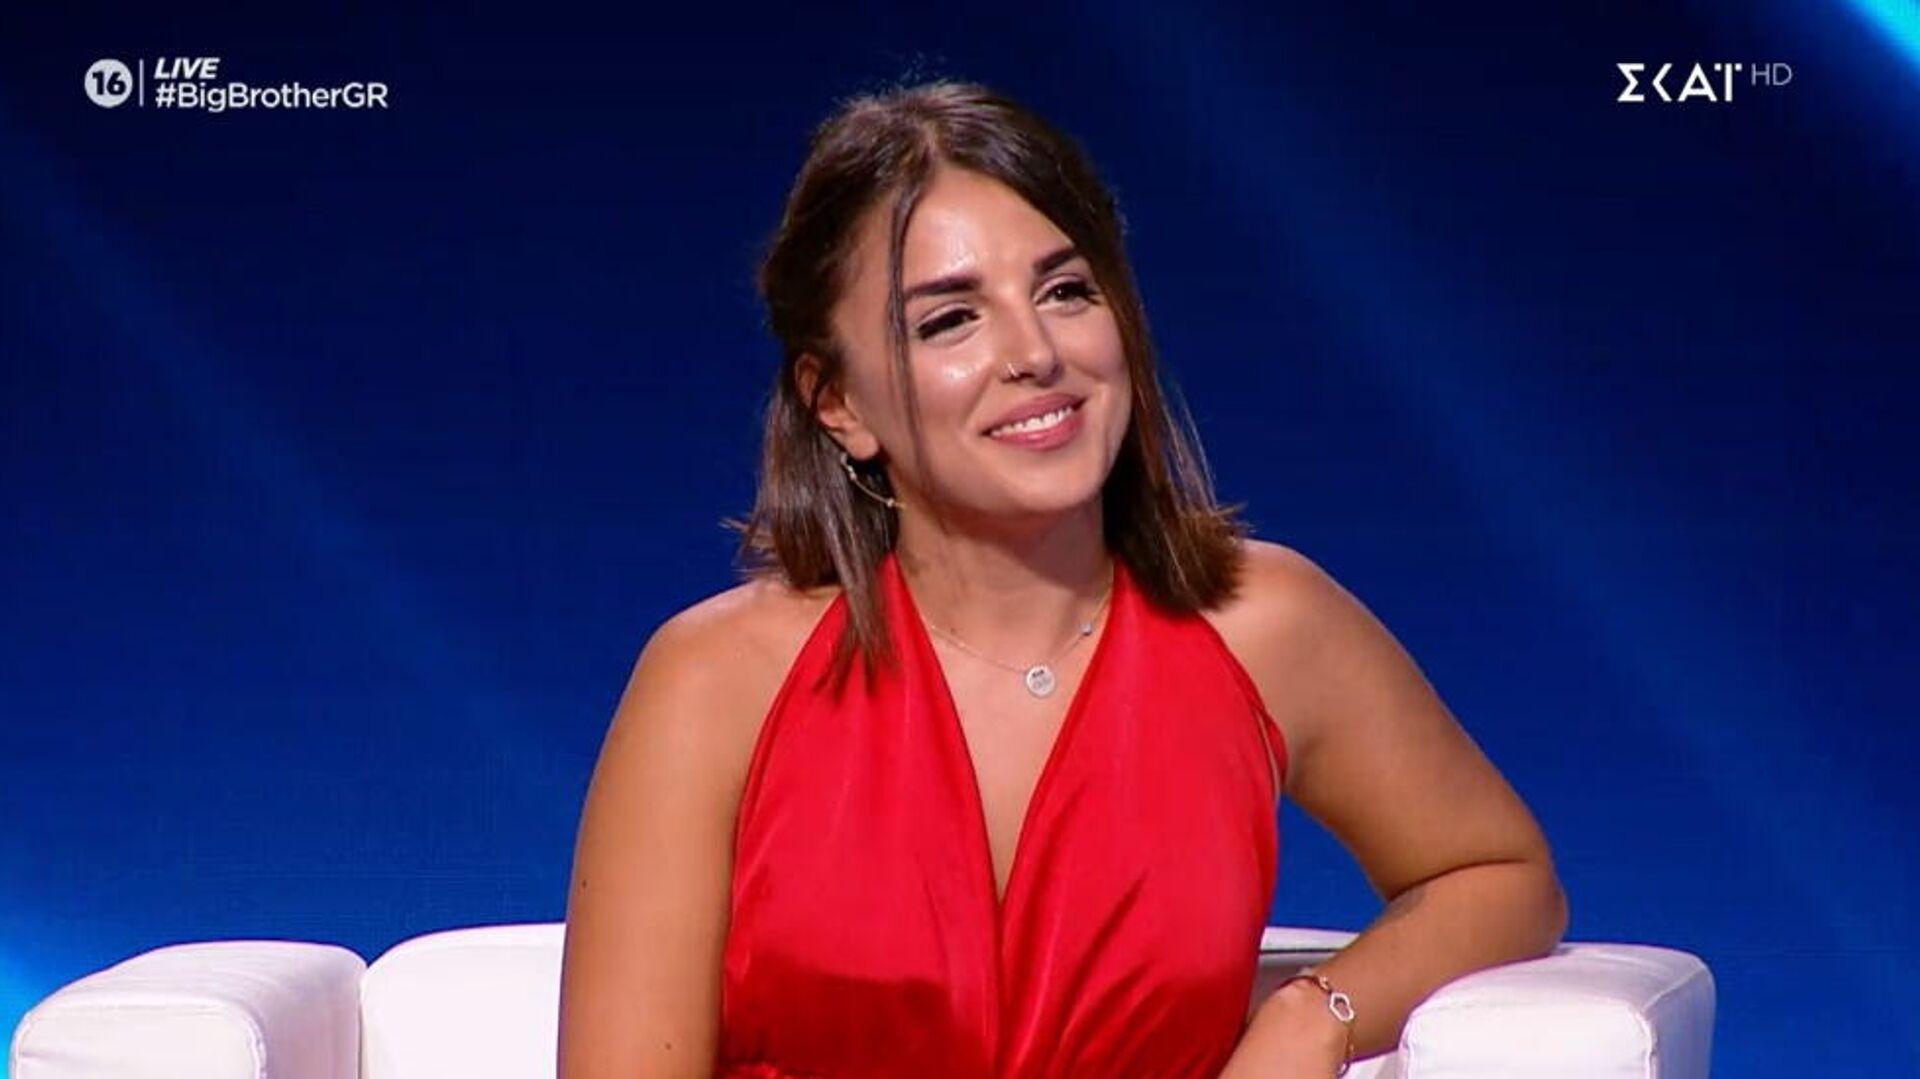 Η Σύλια Καραμολέγκου στο «Big Brother», 1 Οκτωβρίου 2021 - Sputnik Ελλάδα, 1920, 02.10.2021